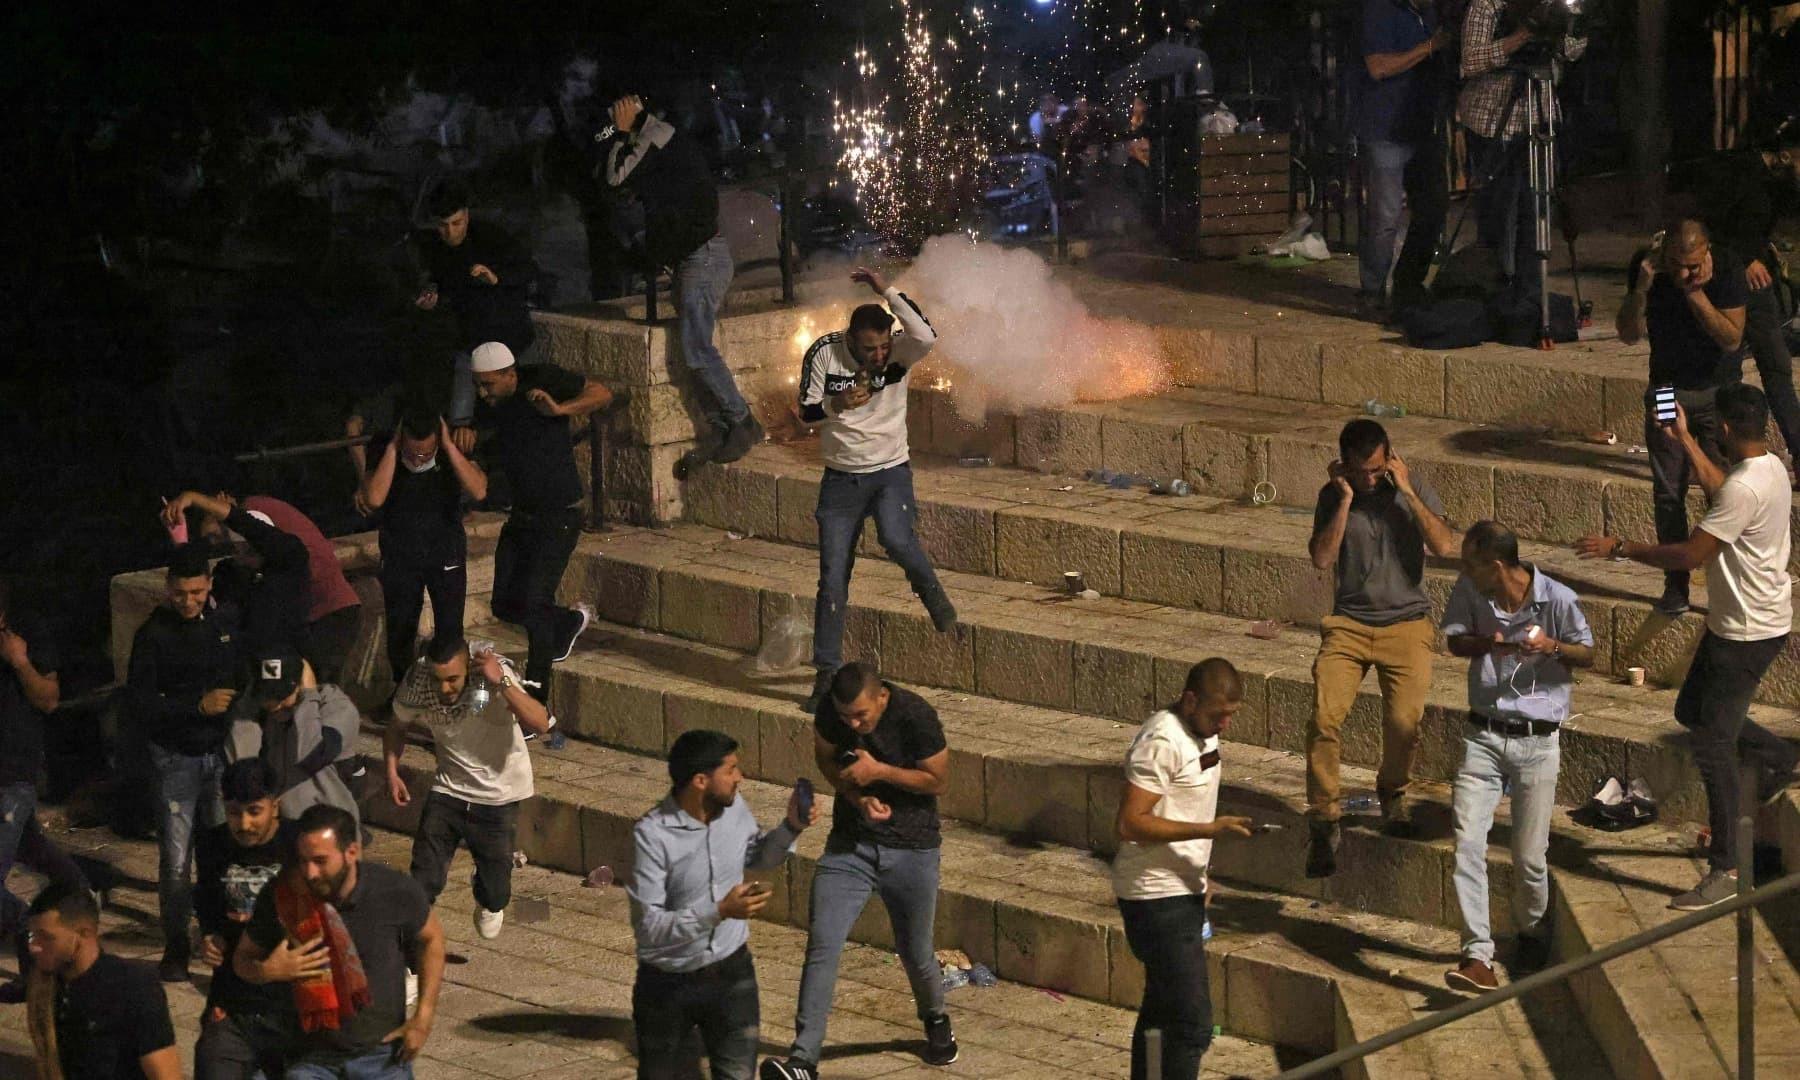 یروشلم کے دمشق گیٹ پر اسرائیلی فورسز نے آنسو گیس اور ربر کی گولیاں برسائیں—فوٹو: اے ایف پی